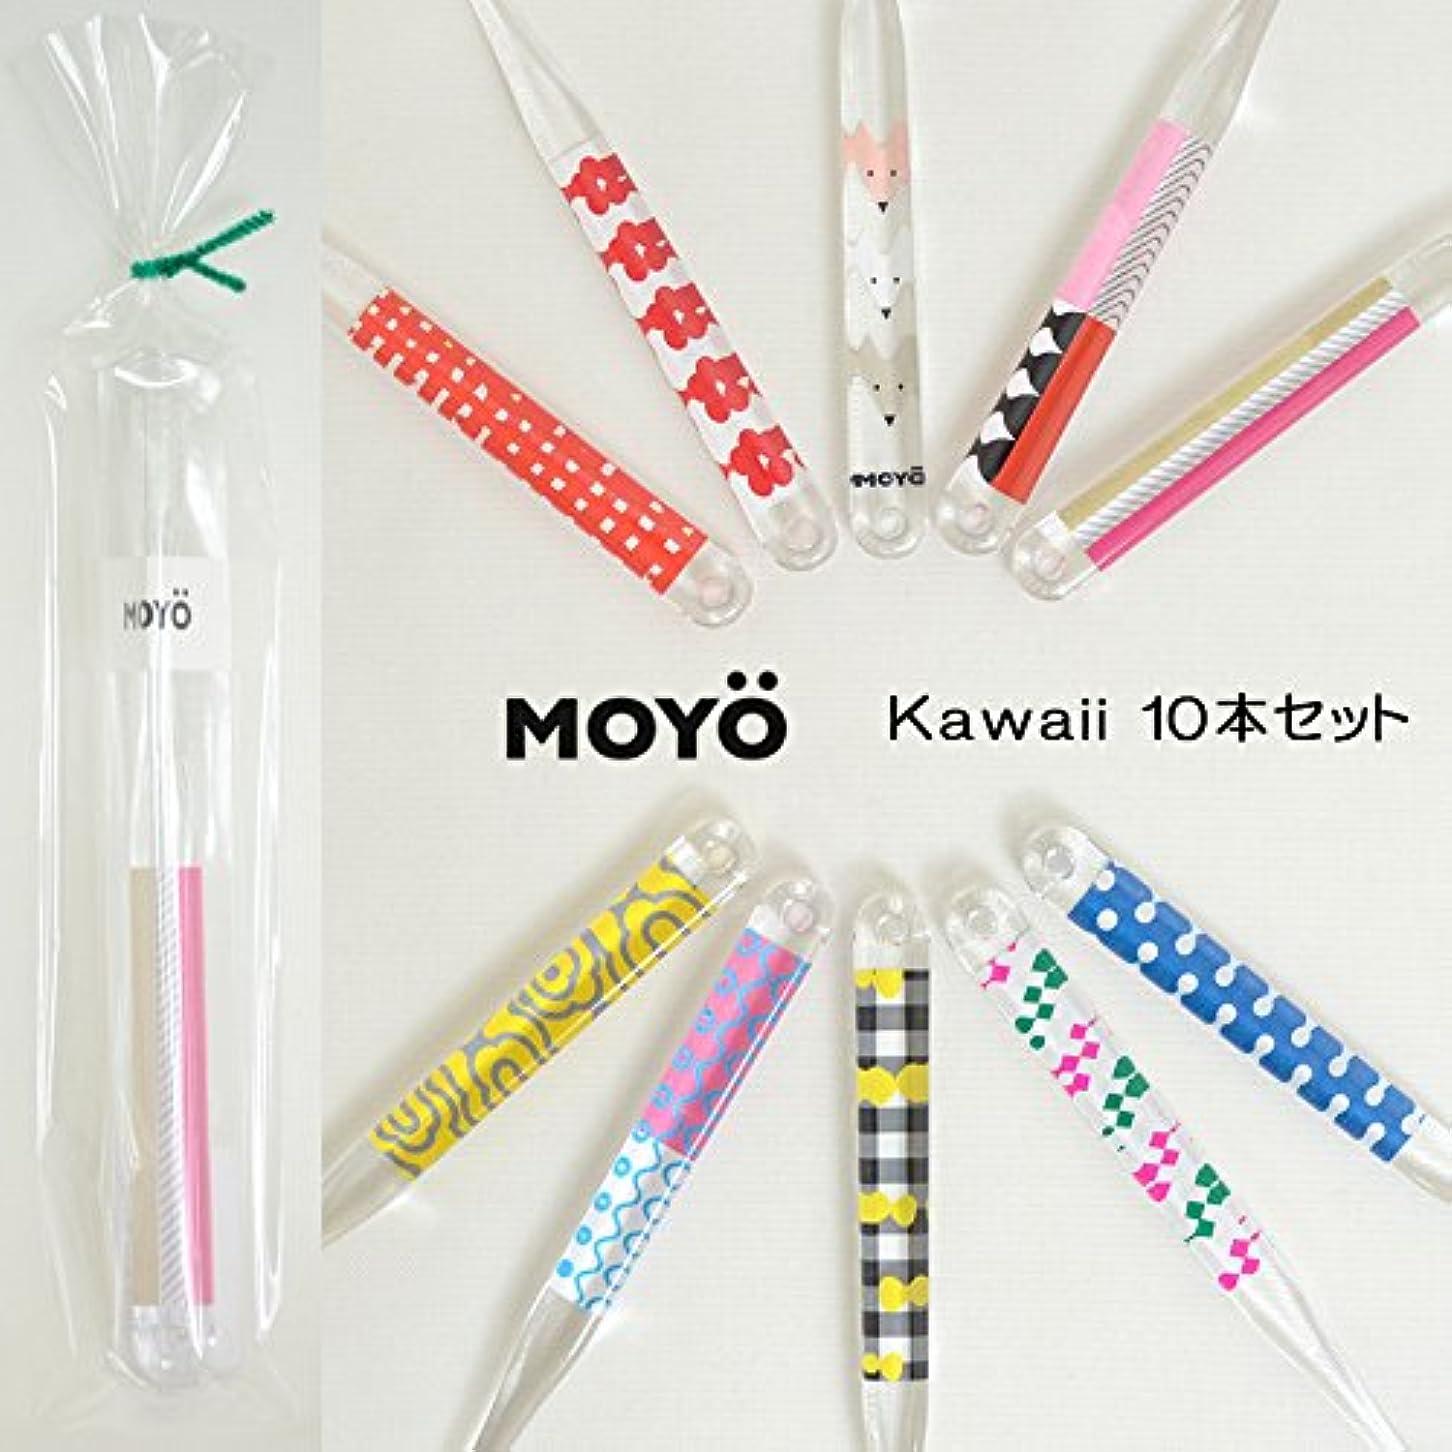 適合しました浸すサークルMOYO モヨウ kawaii10本 プチ ギフト セット_562302-kawaii2 【F】,kawaii10本セット